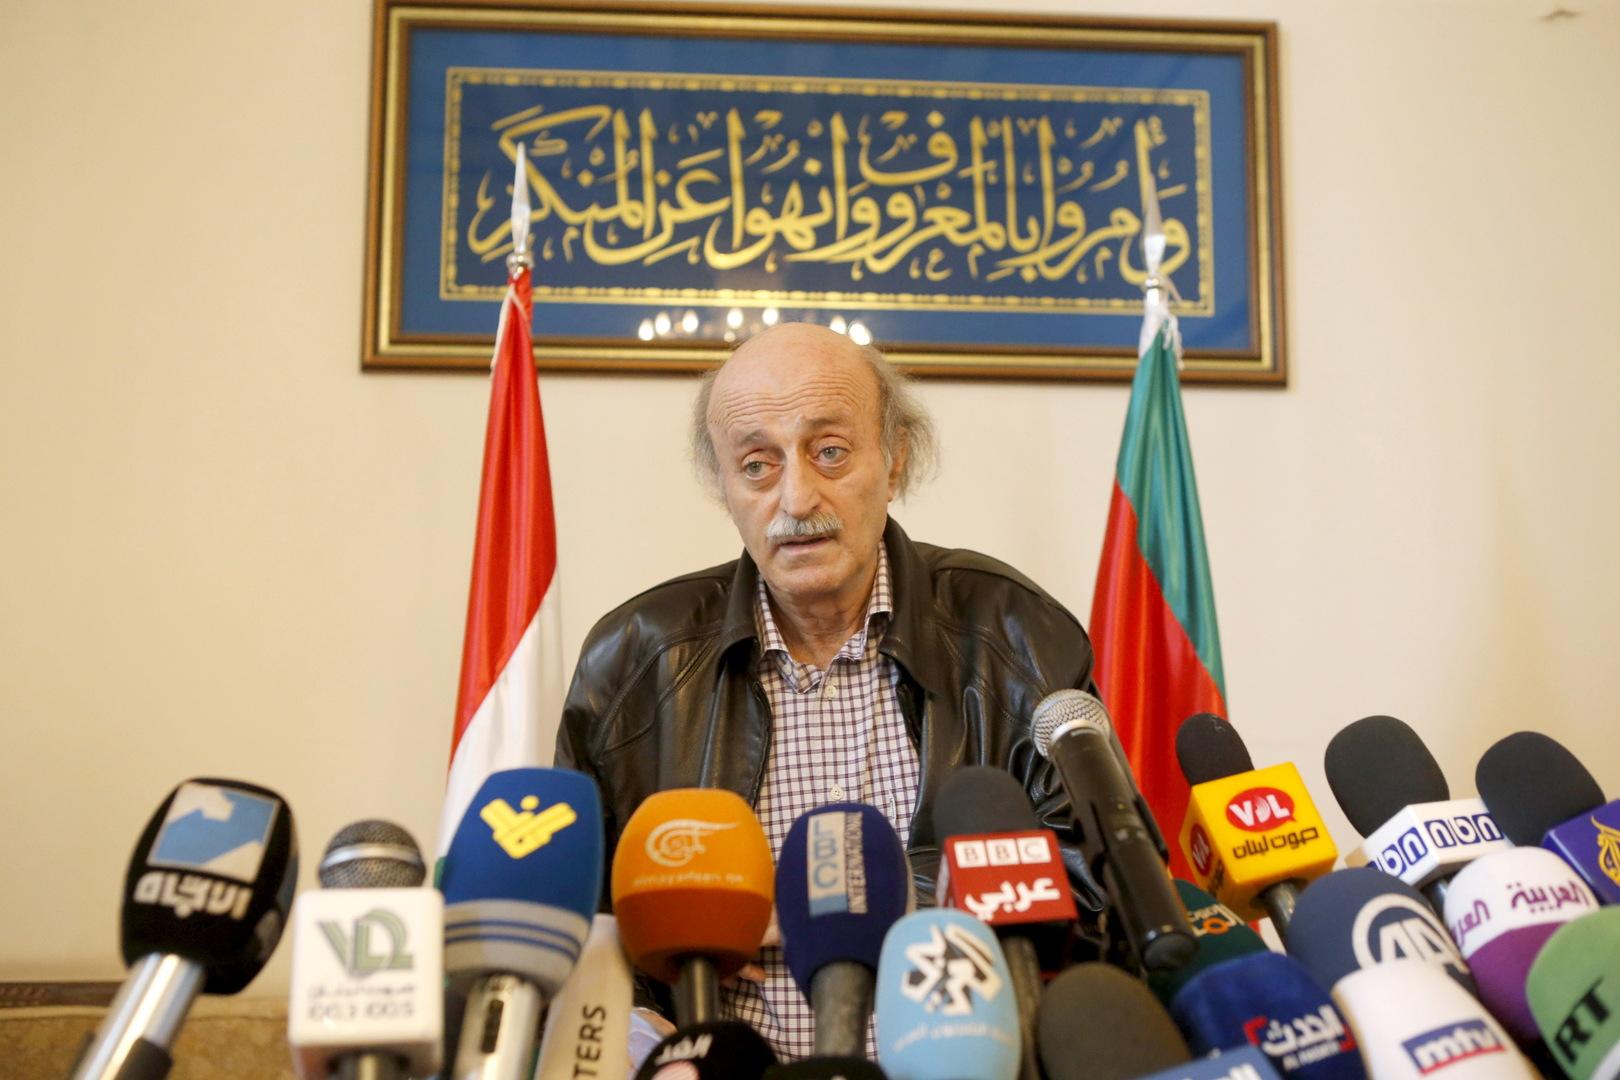 جنبلاط يعلق على أزمة الوقود في لبنان ويربطها بمافيا